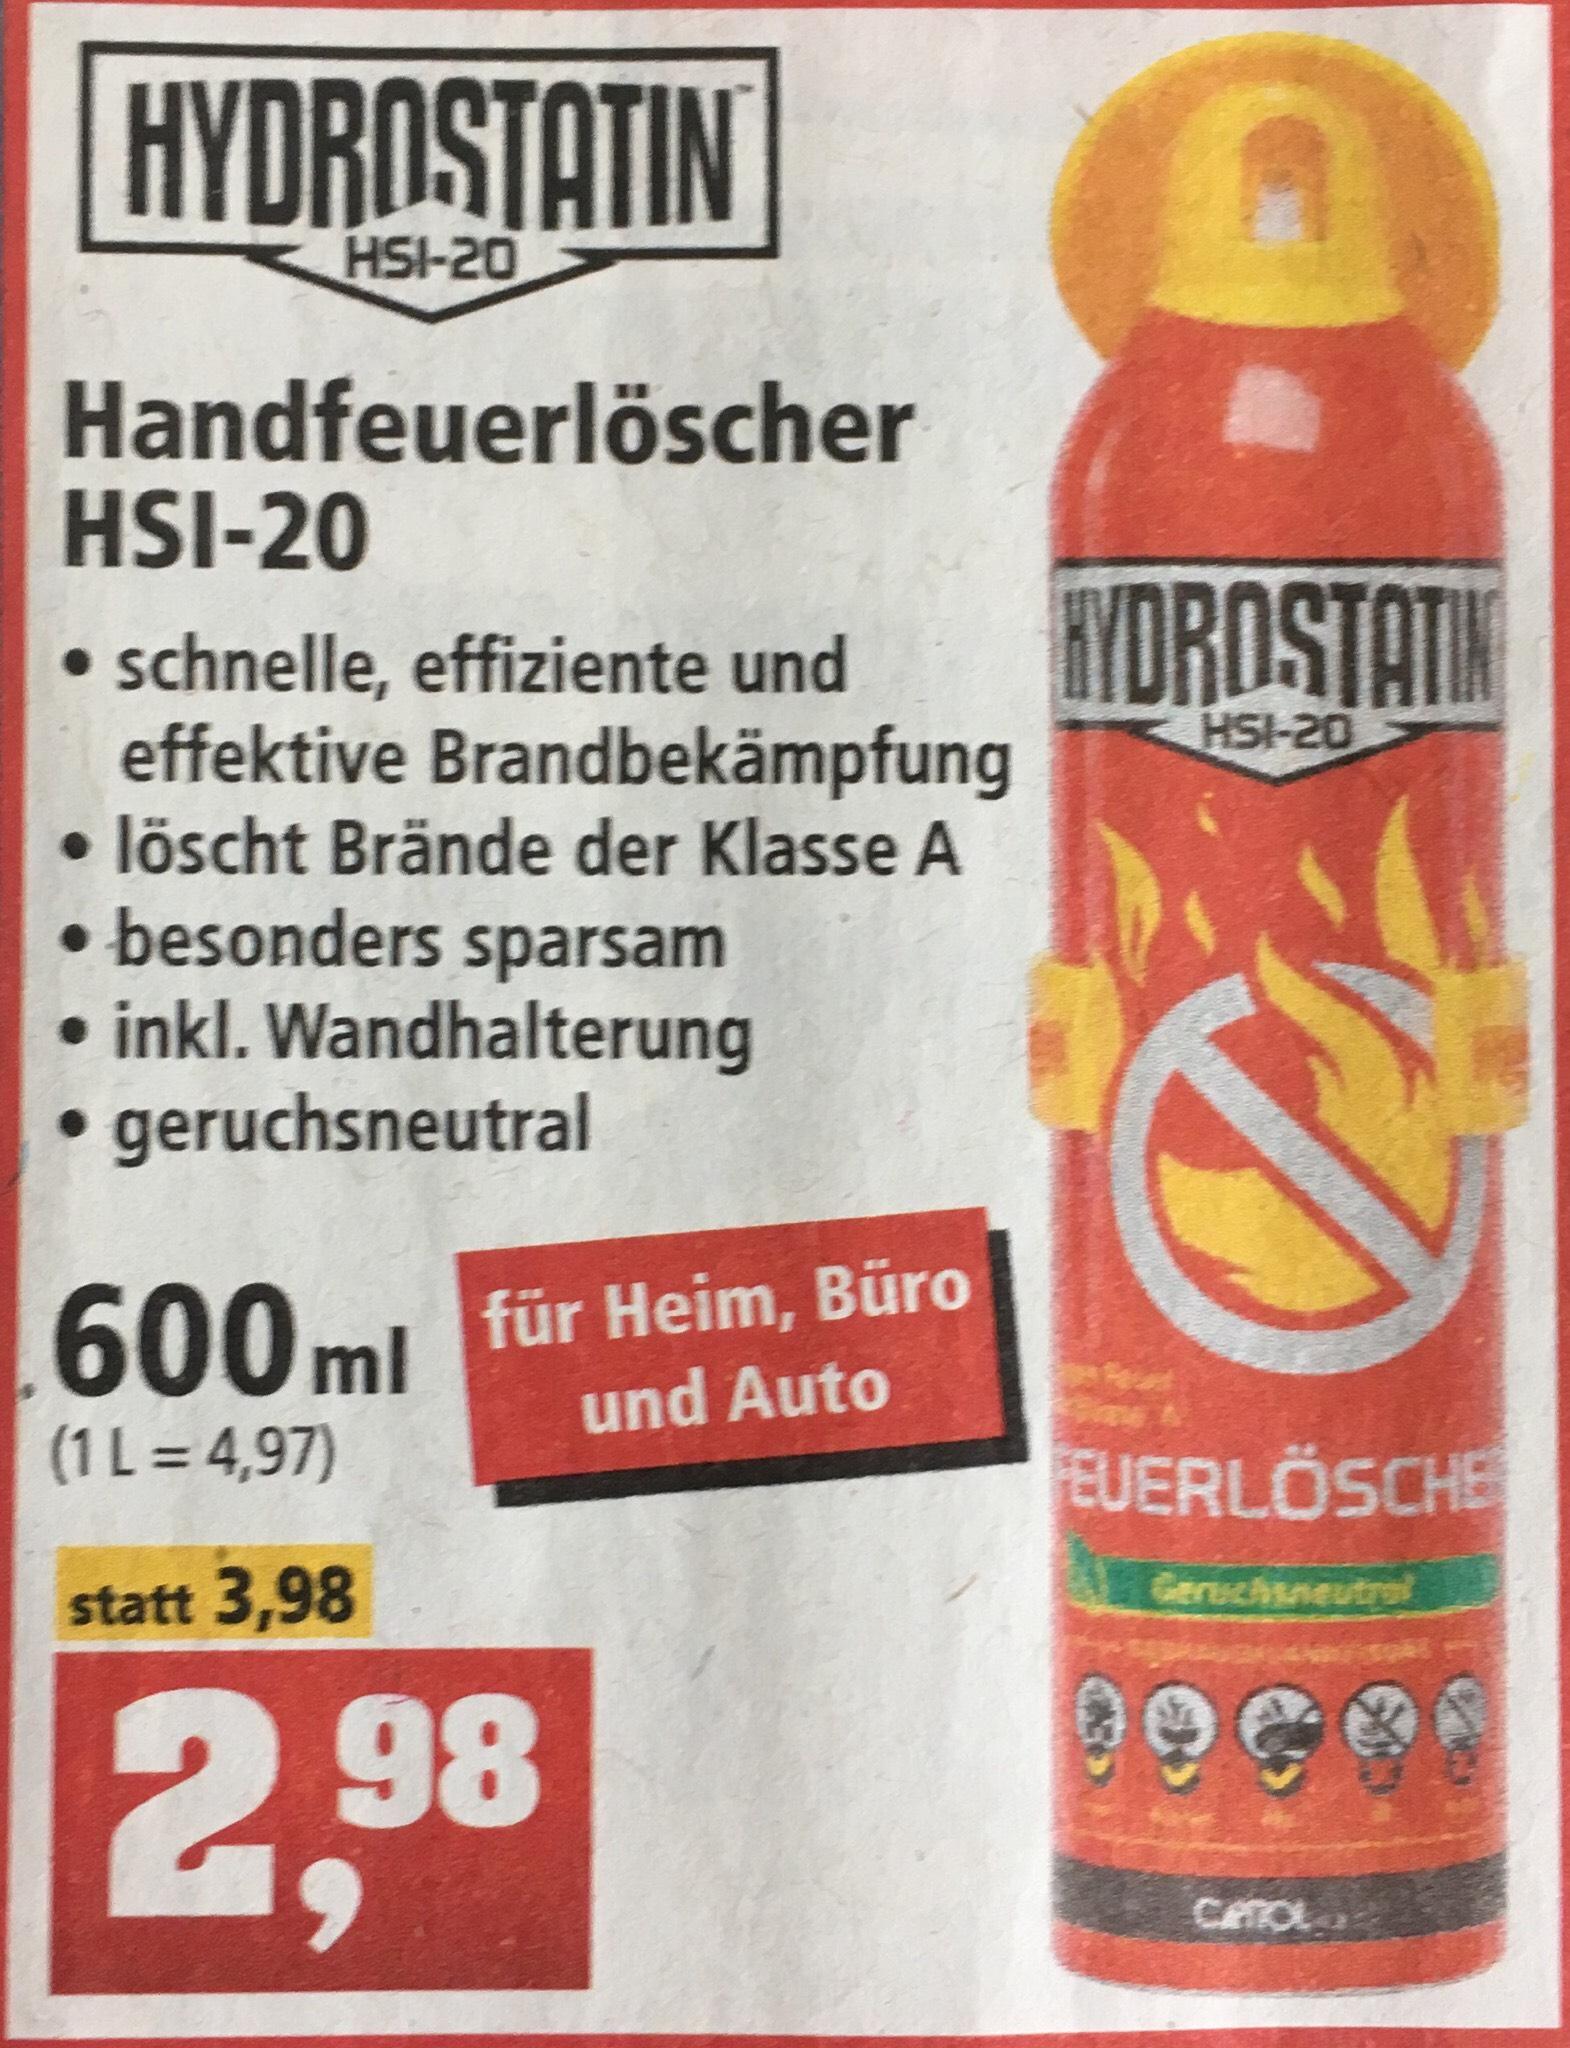 [Thomas Philipps] Handfeuerlöscher HSI-20, 600ml, inklusive Wandhalterung, ab 16.04.